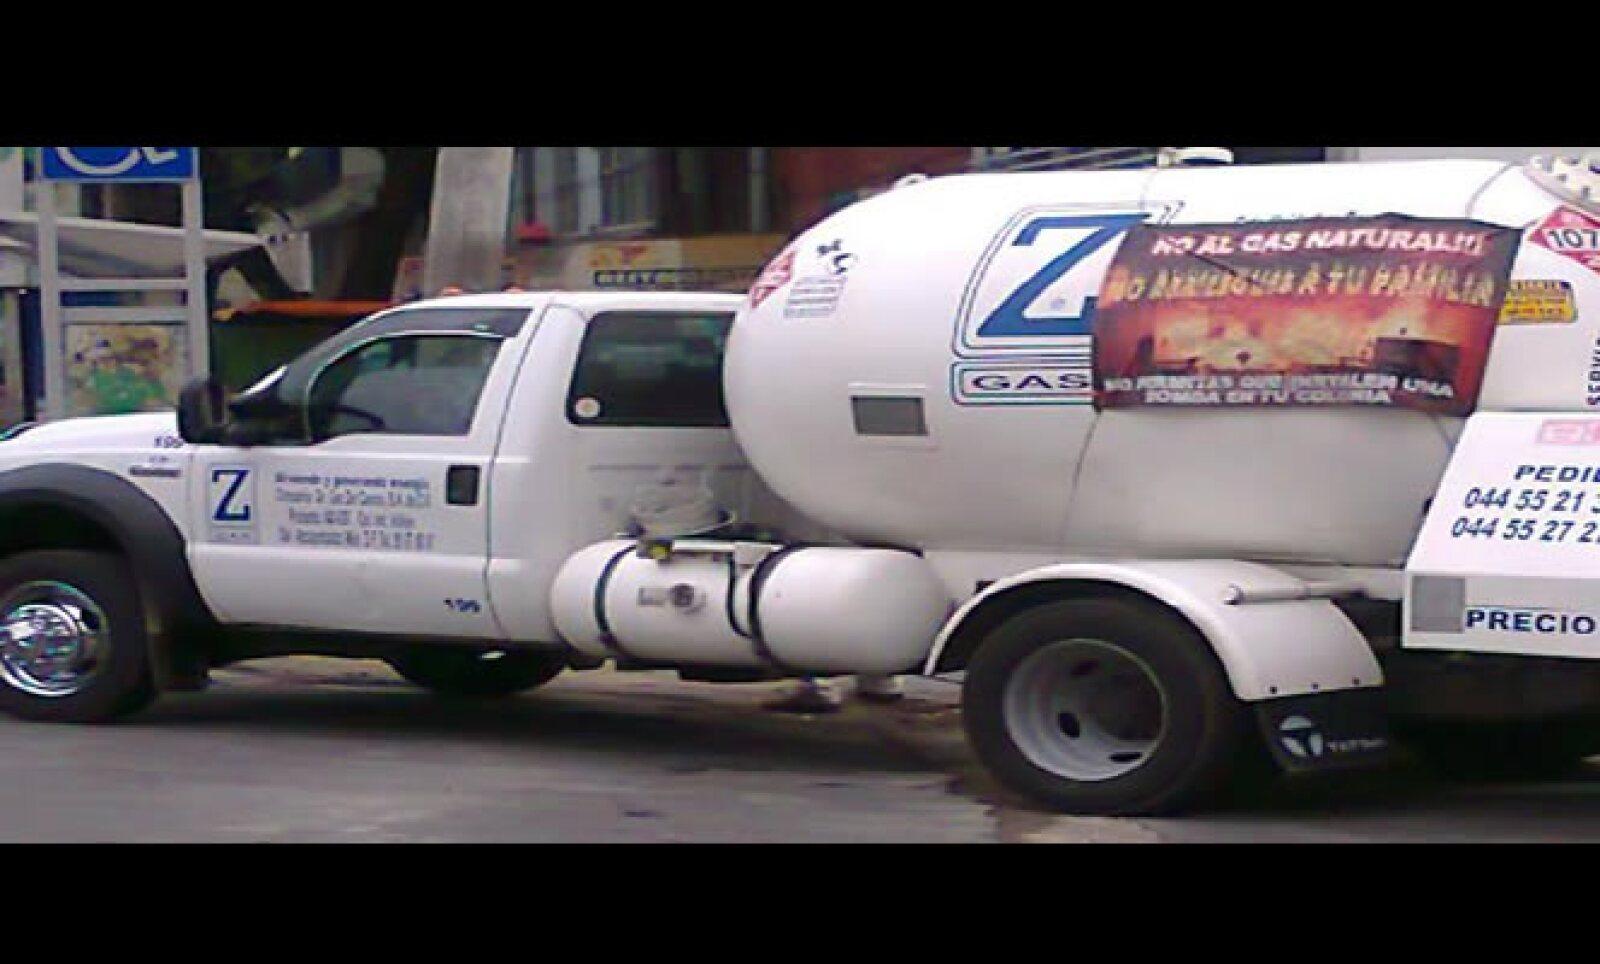 El gremio de gas natural dijo que han sufrido el bloque de vías para desplegar su infraestructura.